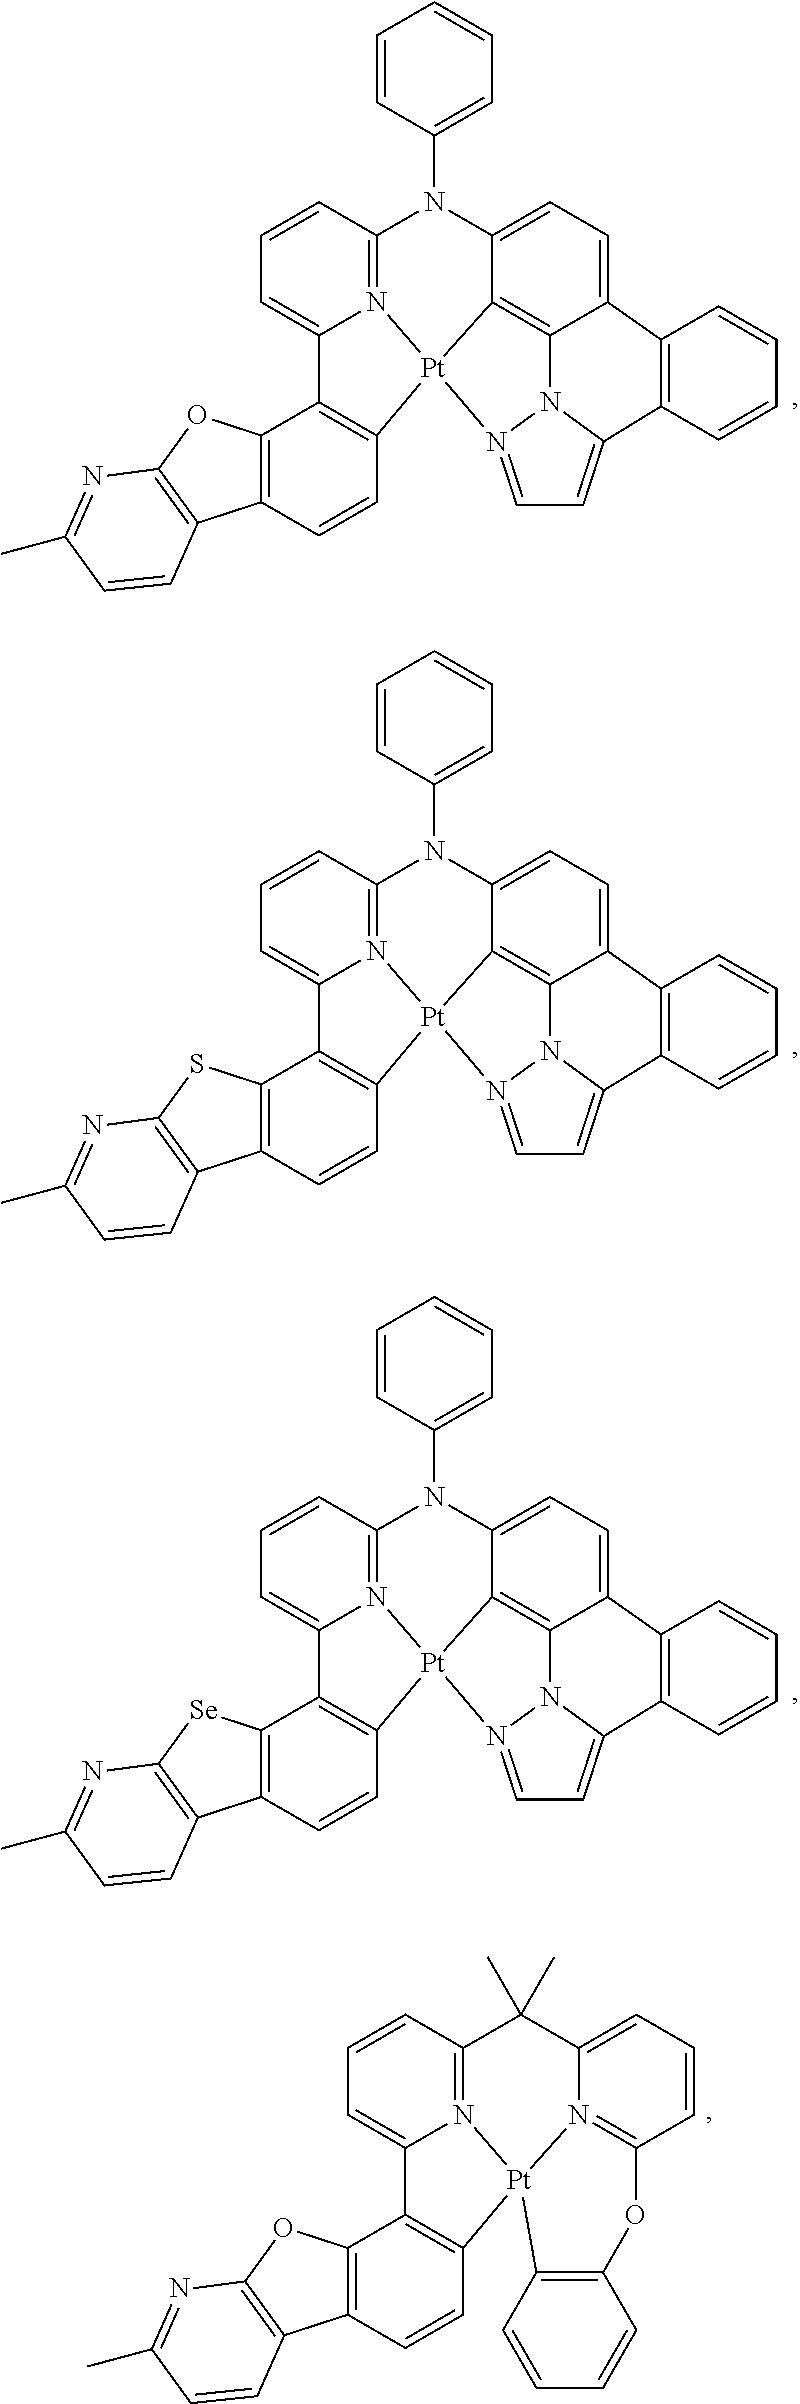 Figure US09871214-20180116-C00291